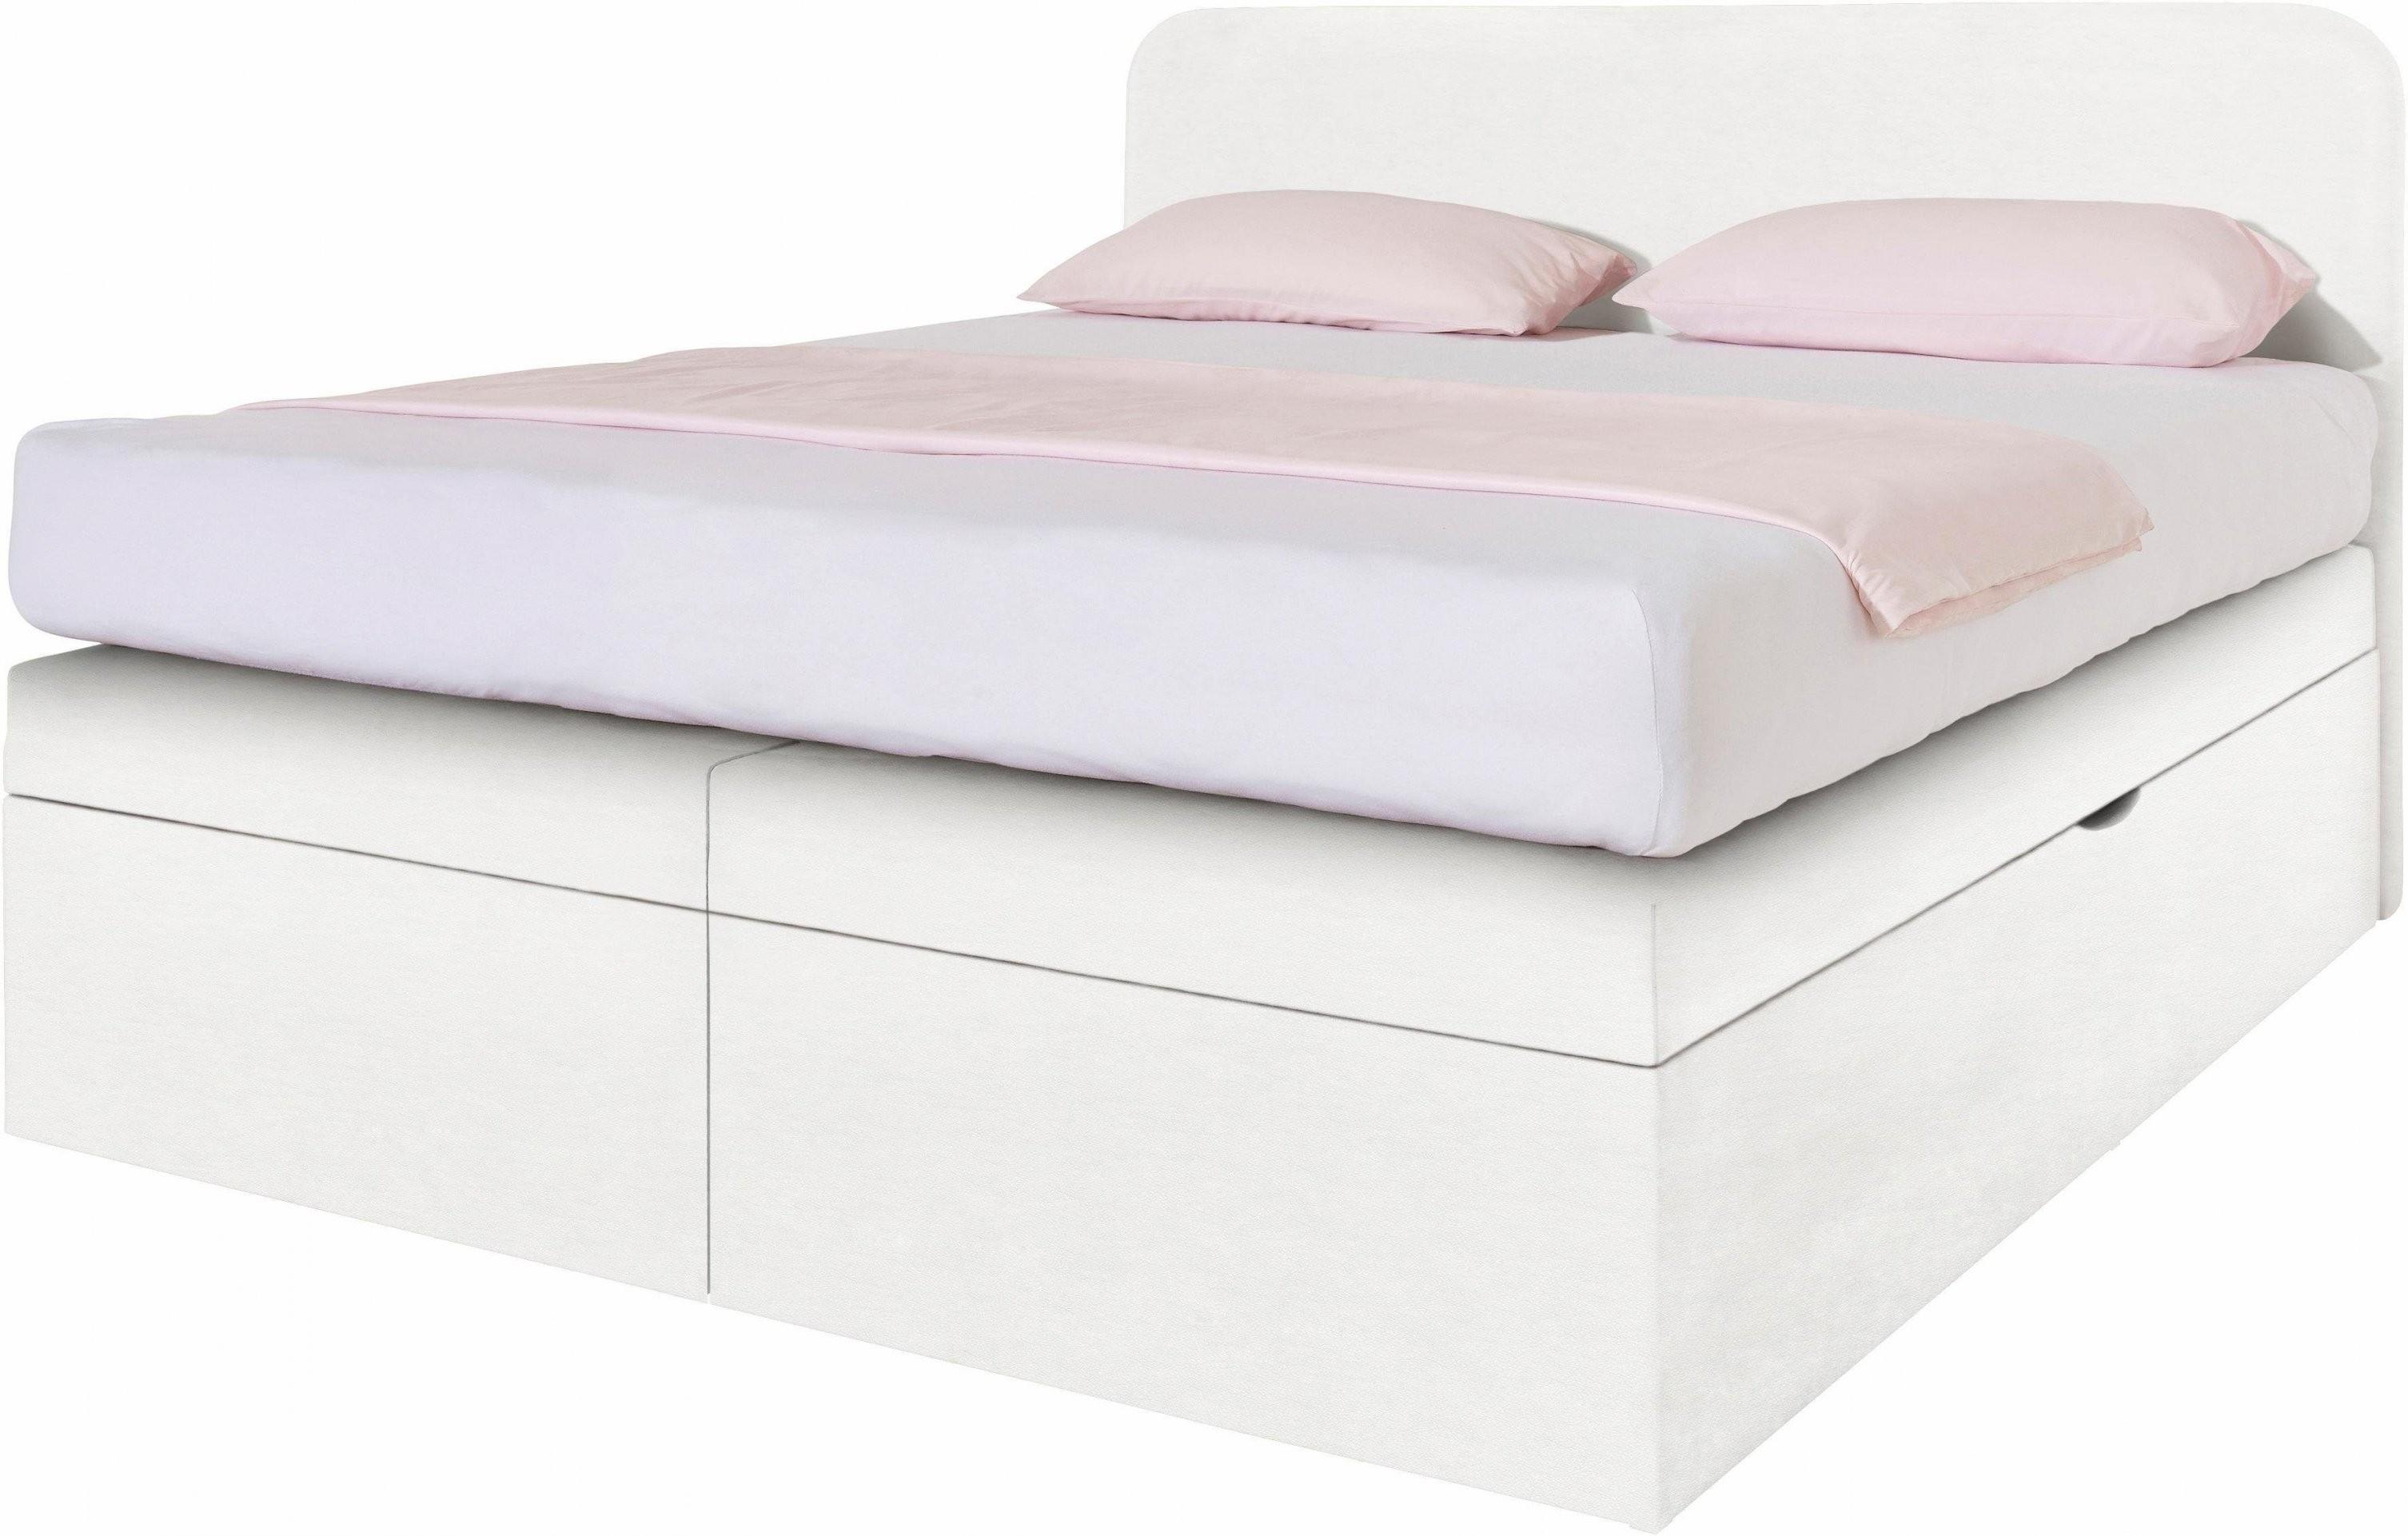 Lit Moderne 140 X 200 Erstaunlich Günstige Betten 140X200 Mit von Bett 140X200 Mit Matratze Günstig Bild